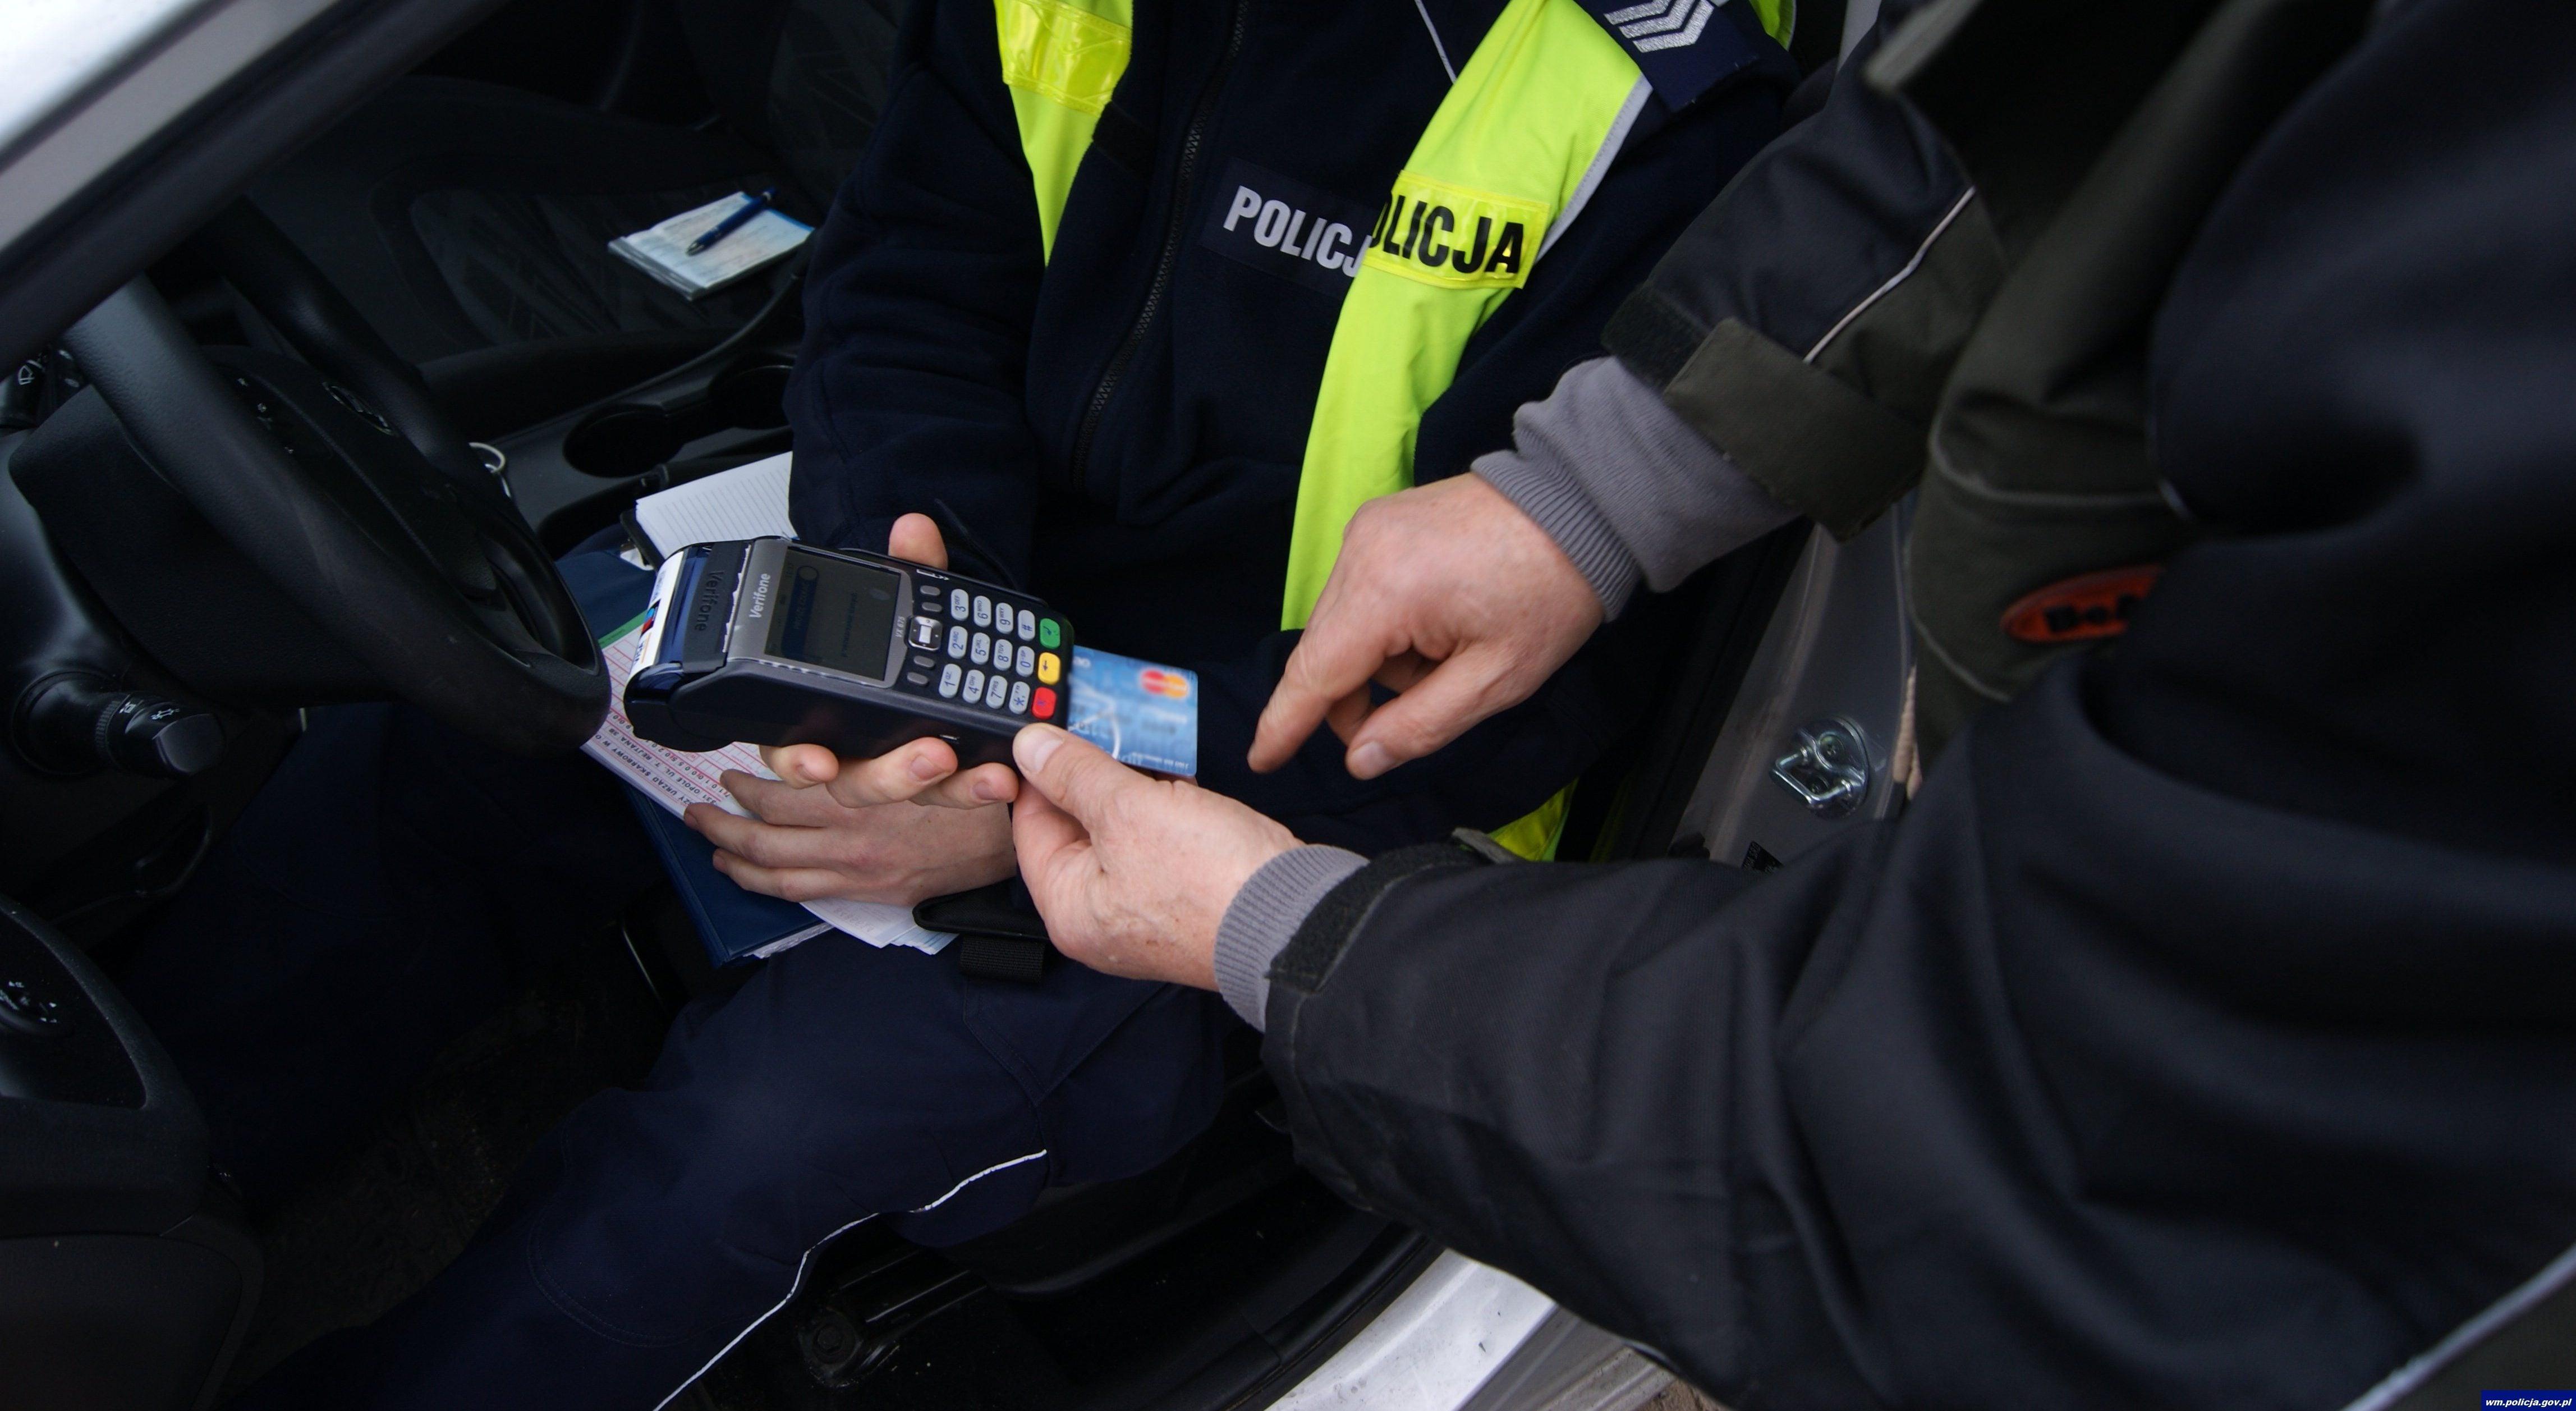 Tabletowo.pl Terminale w policji się przyjęły. Kierowcy chętnie z nich korzystają Moto